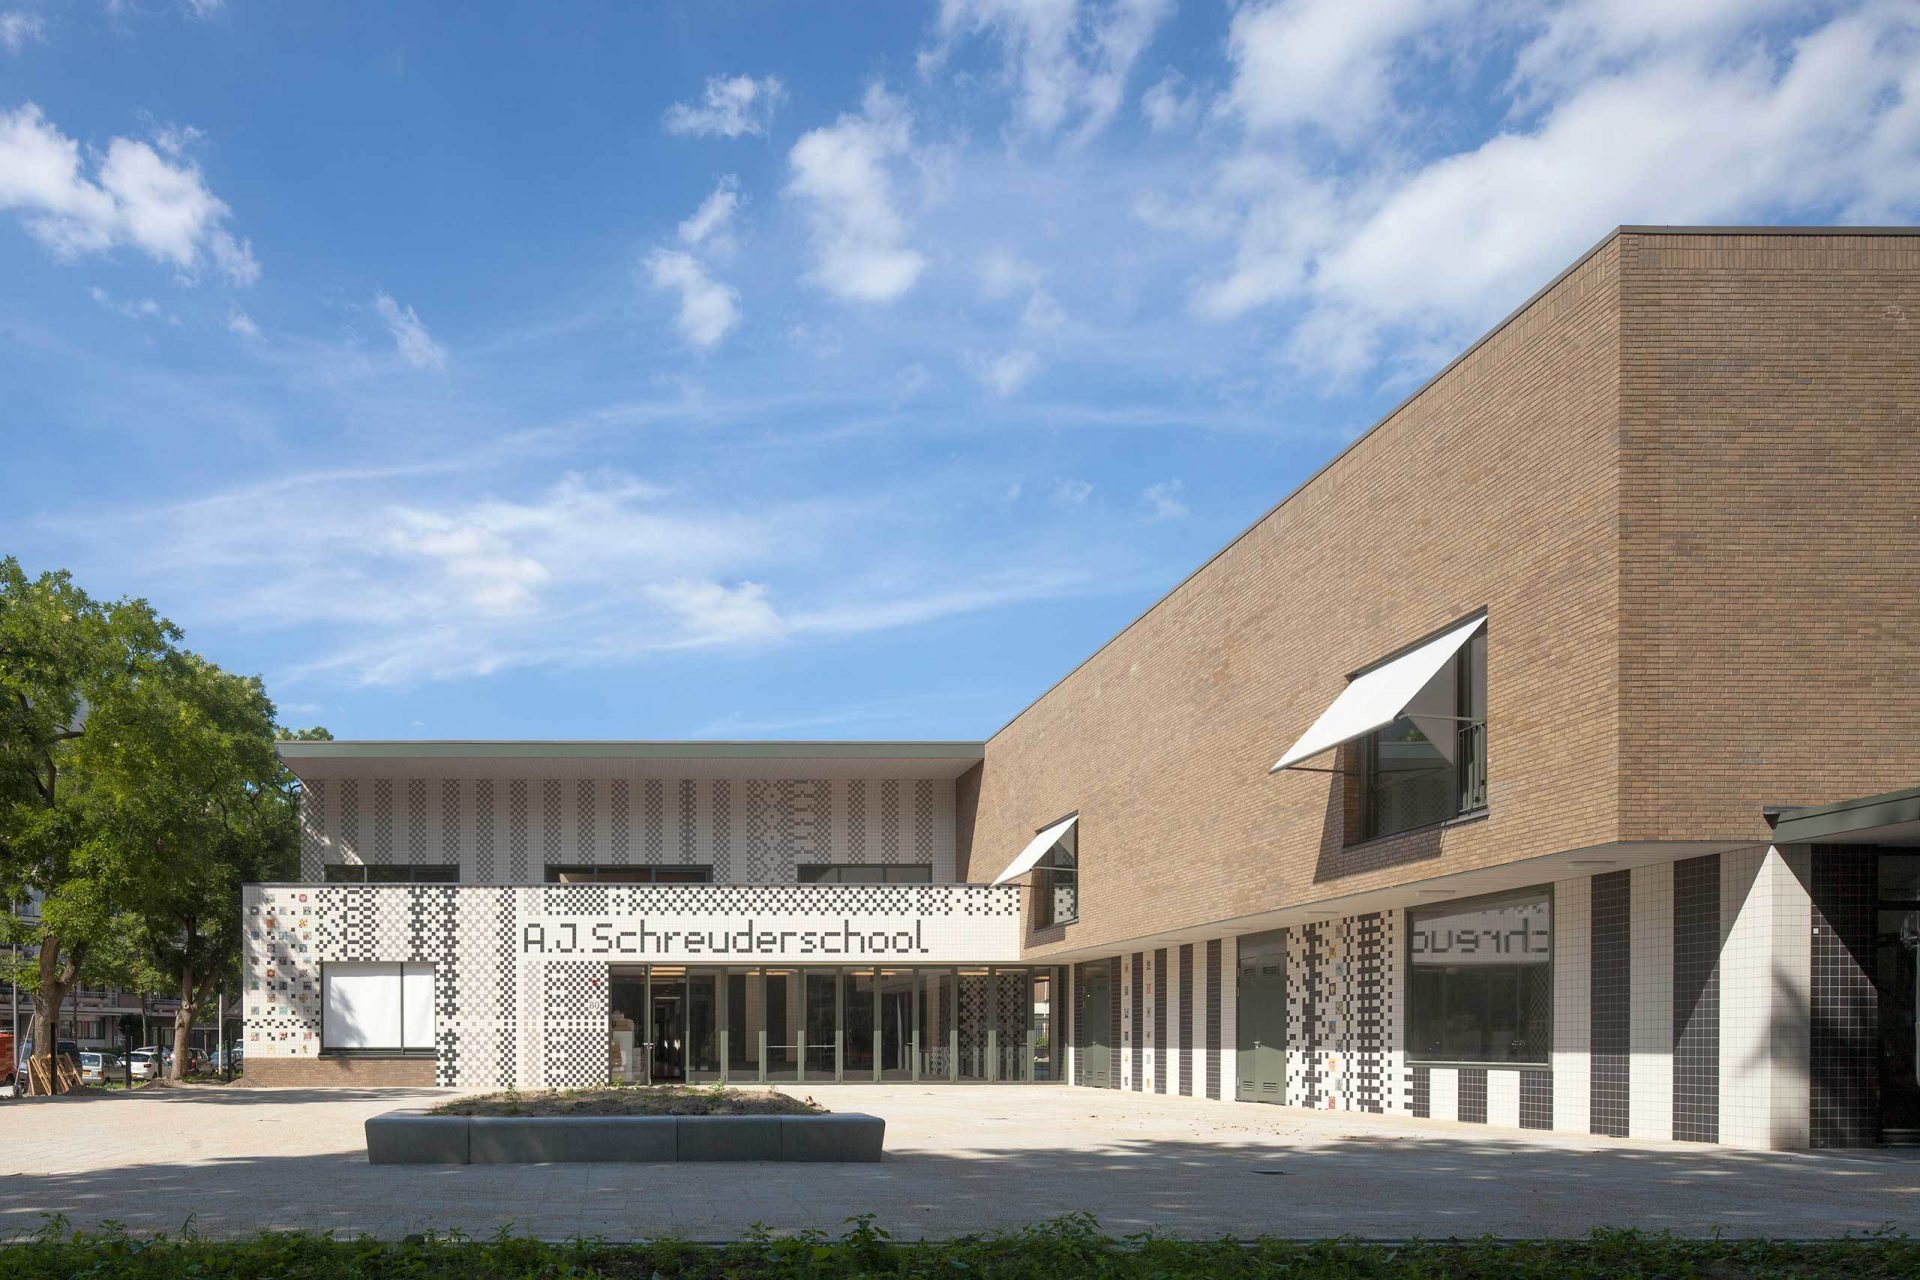 Aj Schreuderschool Main Fassade